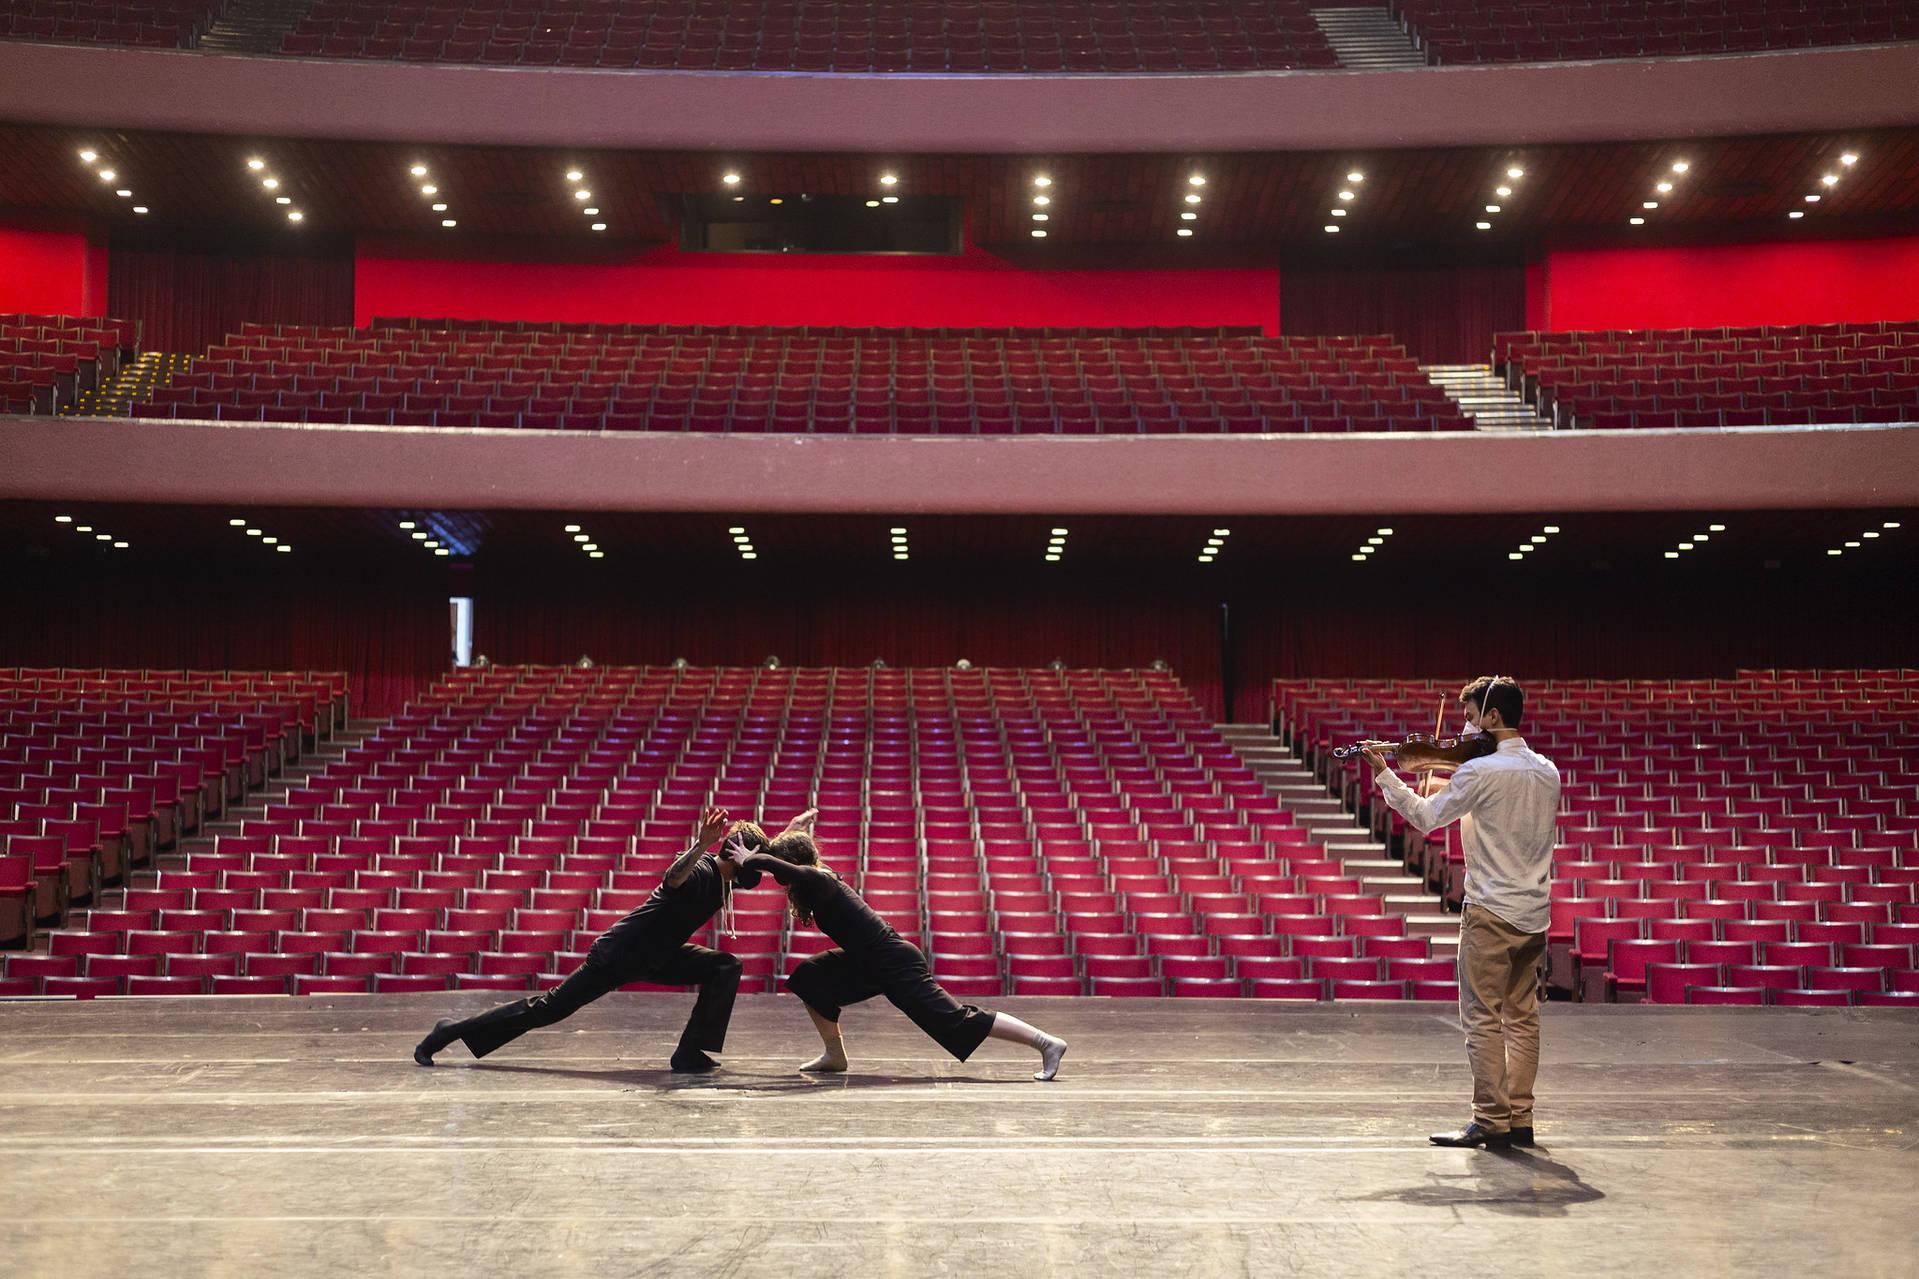 Balé Teatro Guaíra transmitirá sarau virtual direto do palco do Guairão neste sábado (31/07)